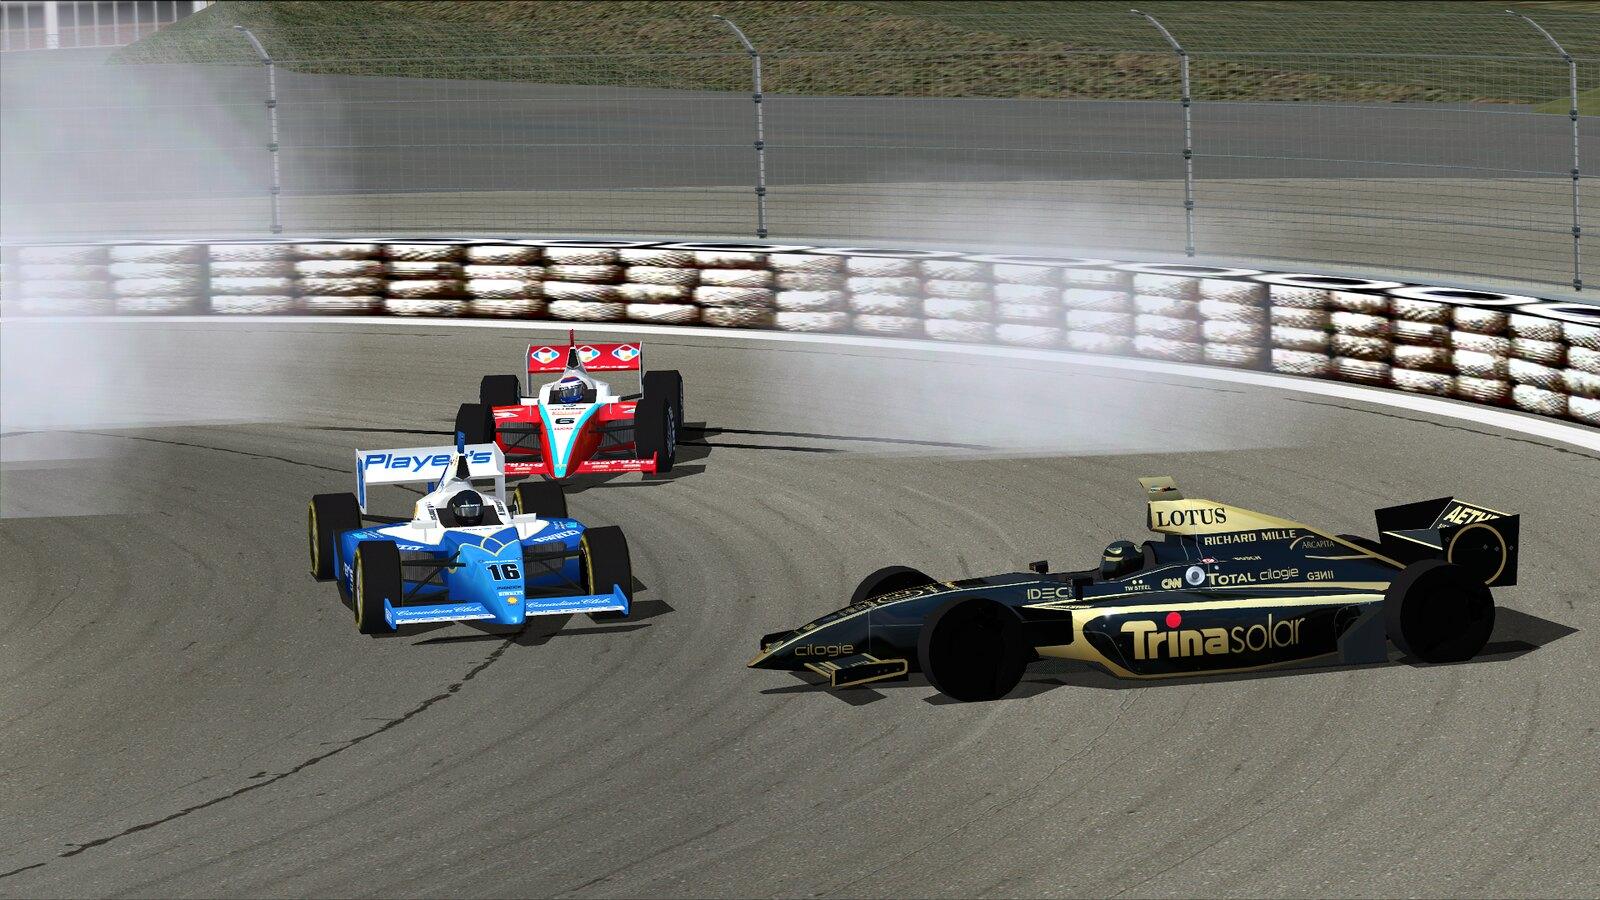 Lotus Grand Prix of Long Beach [33L] 7413265540_04fc0b5167_h